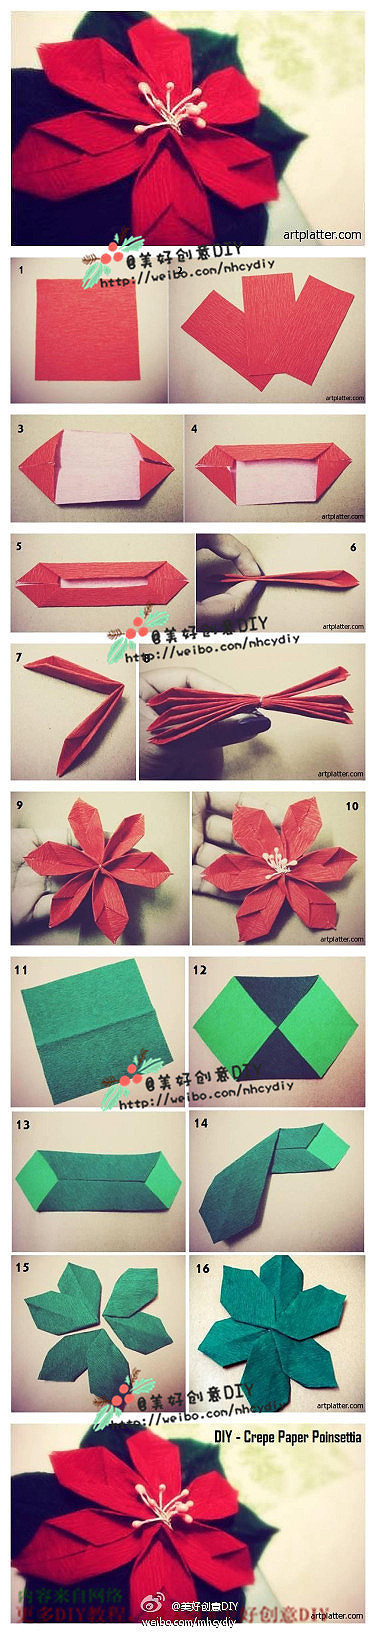 Origami Poinsettia Folding Instructions Origami Instruction